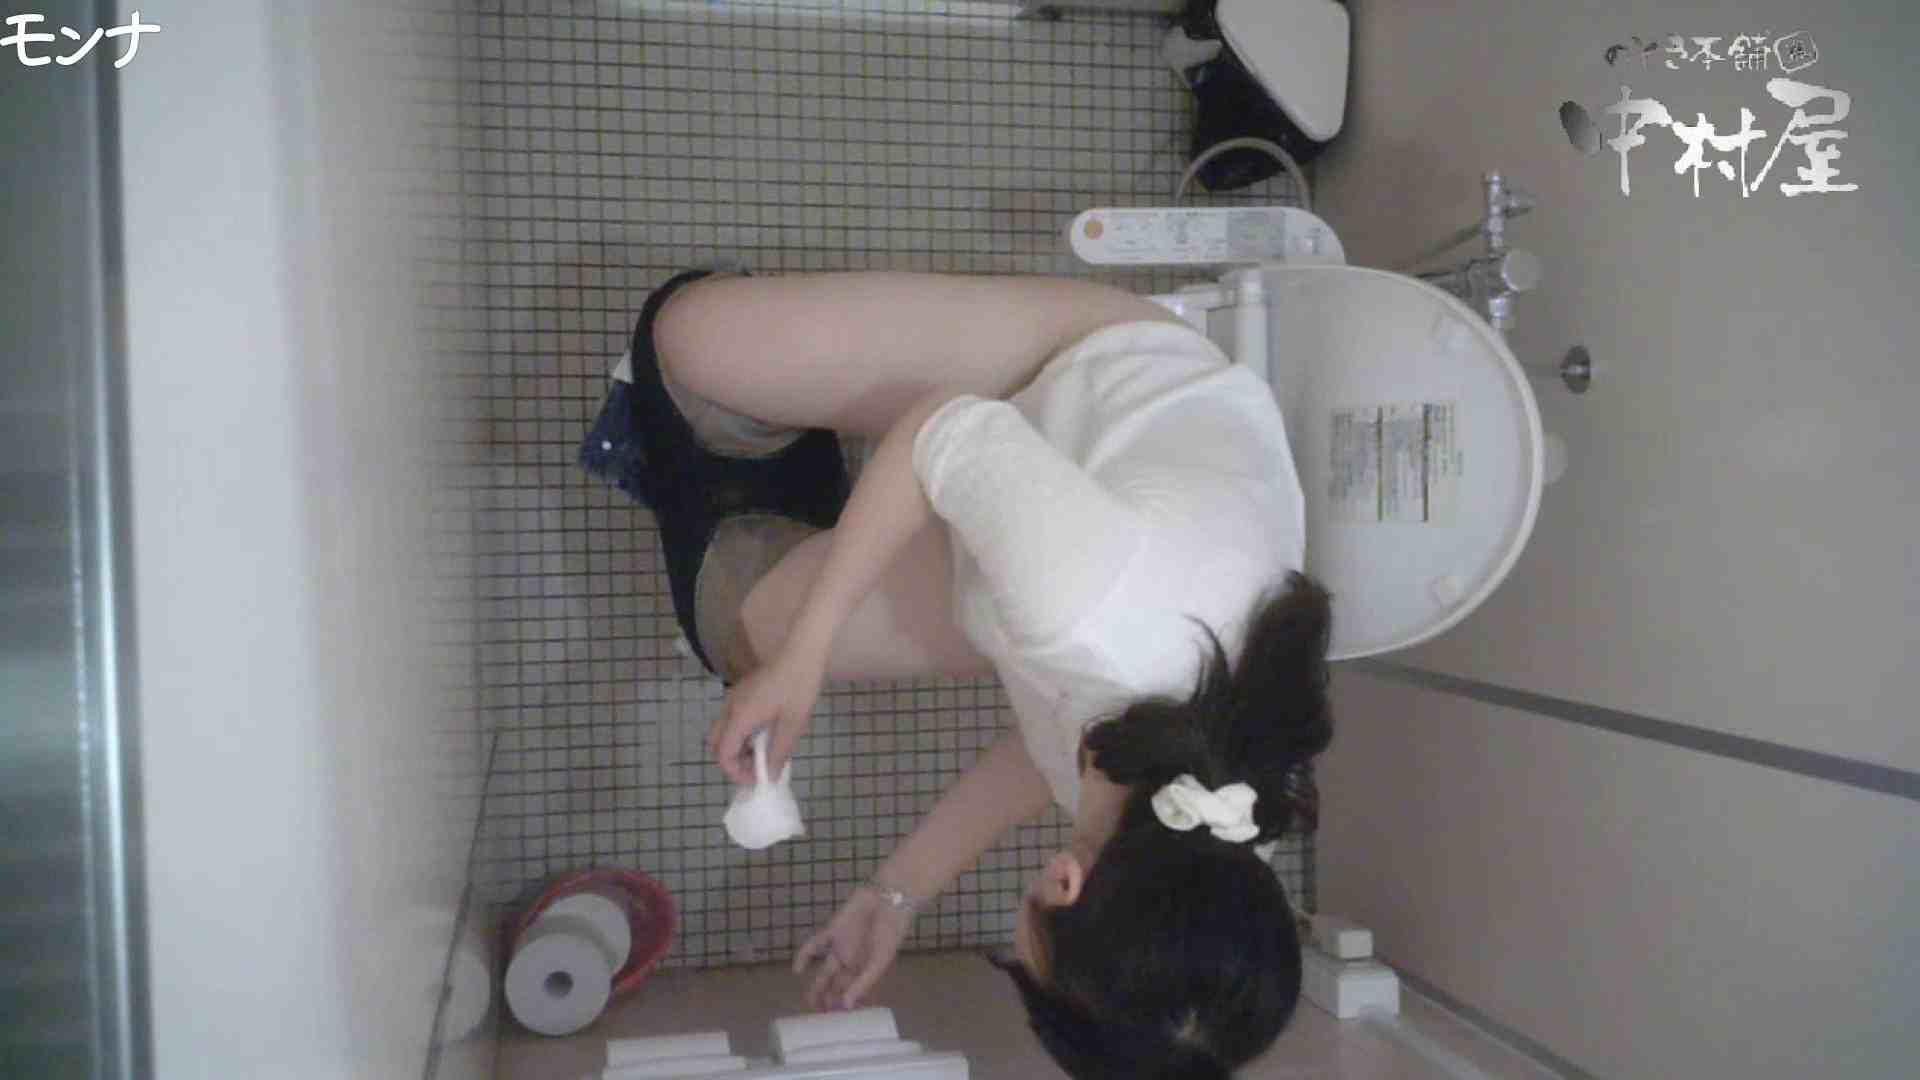 有名大学女性洗面所 vol.65 秘技!!マルチアングル天井撮り!! マルチアングル  106PIX 30